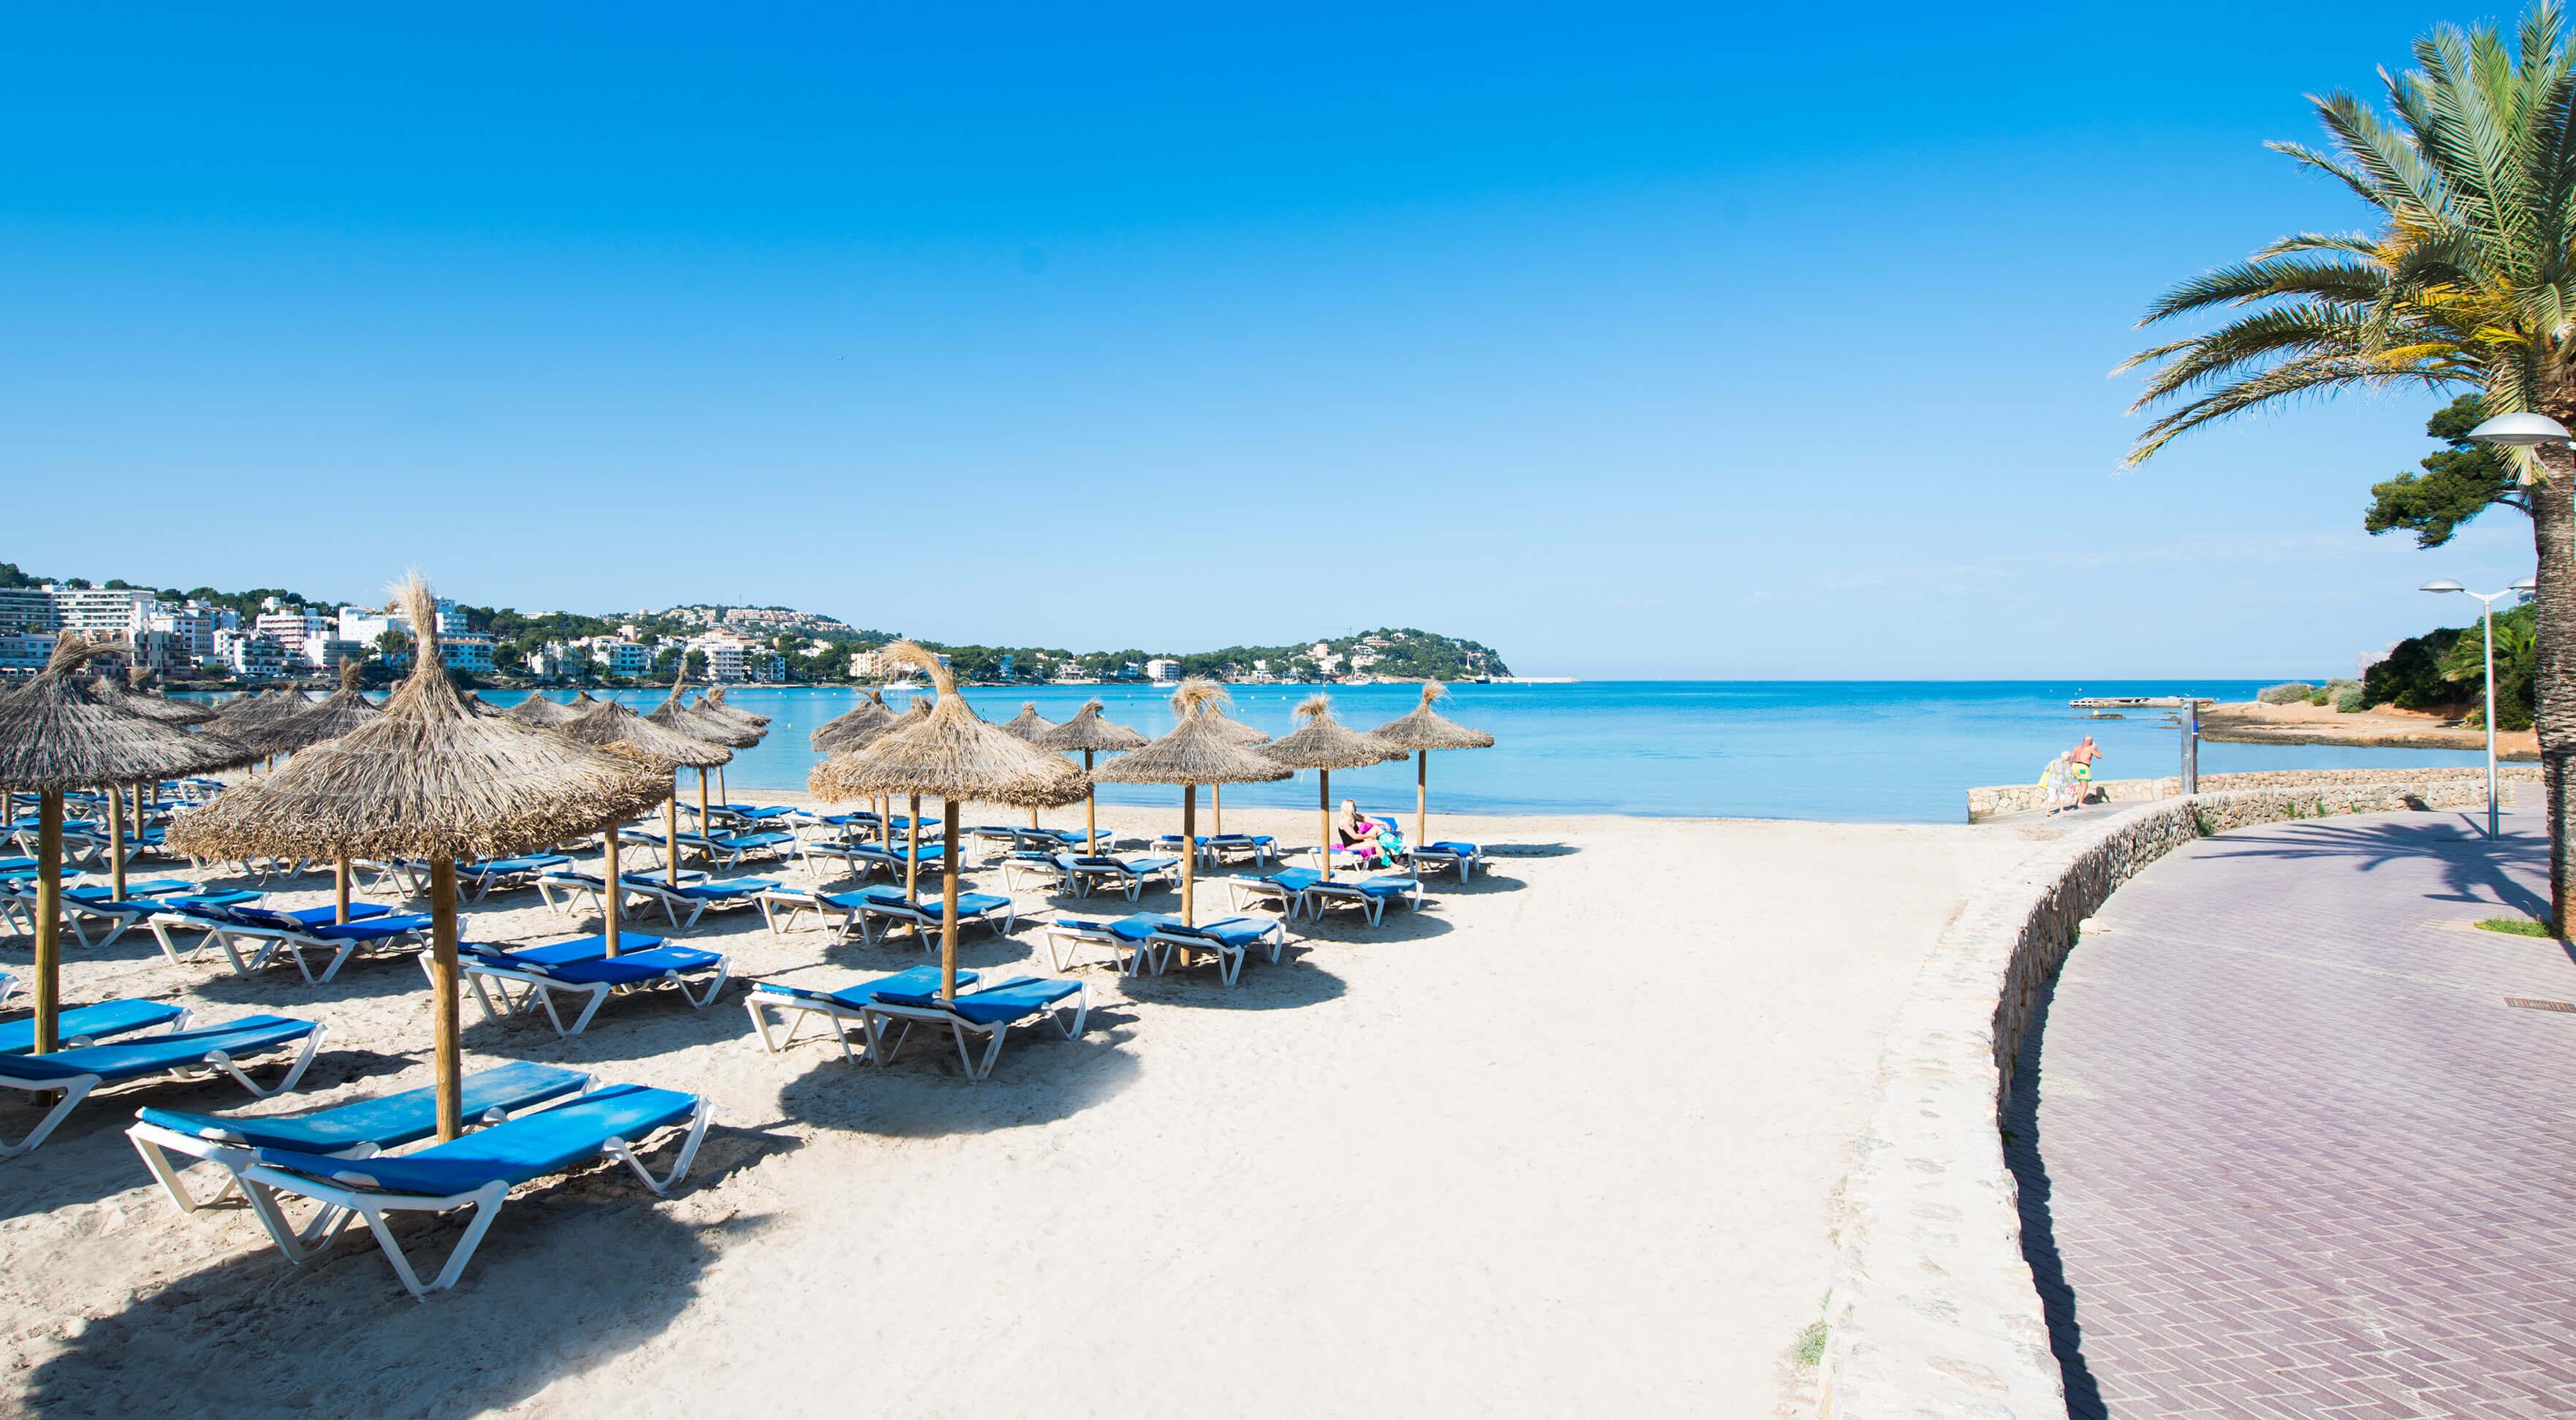 Playa-Santa ponça